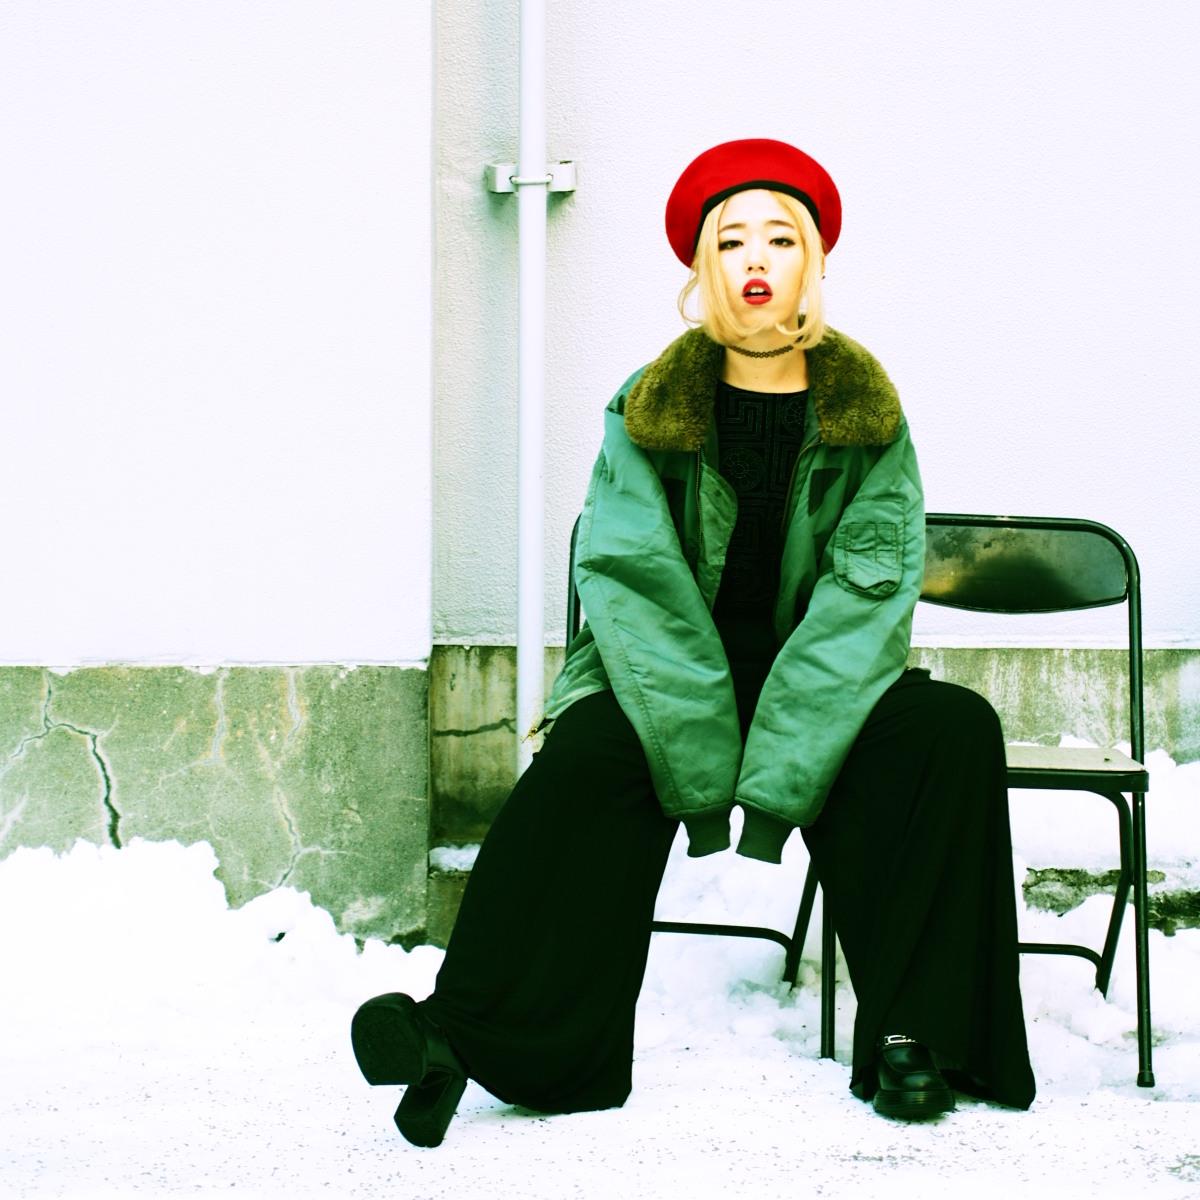 【#OOTD QUEEN】フライトジャケットの着こなし術!ハンサムかつ女性らしく着るには?